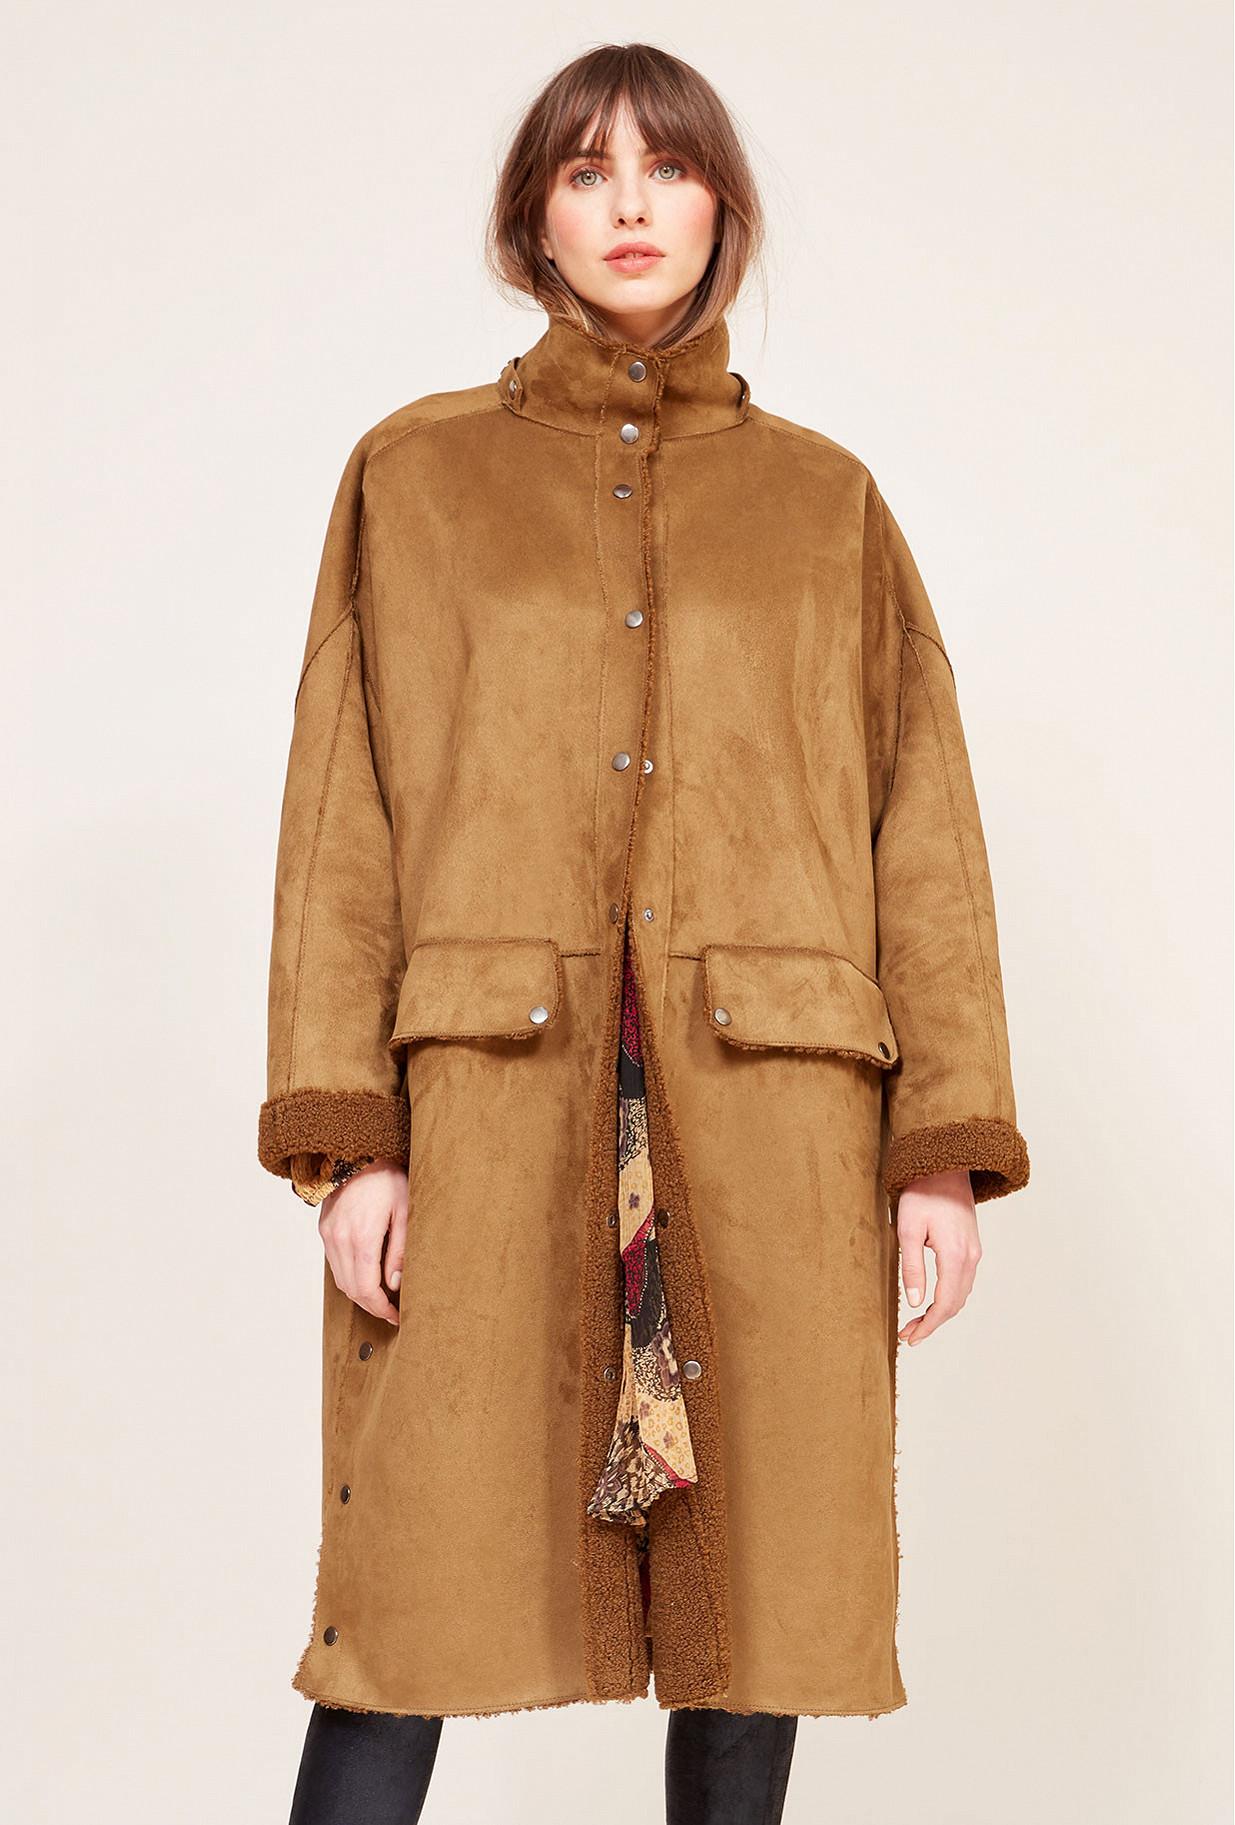 Khaki Coat Guerrillera